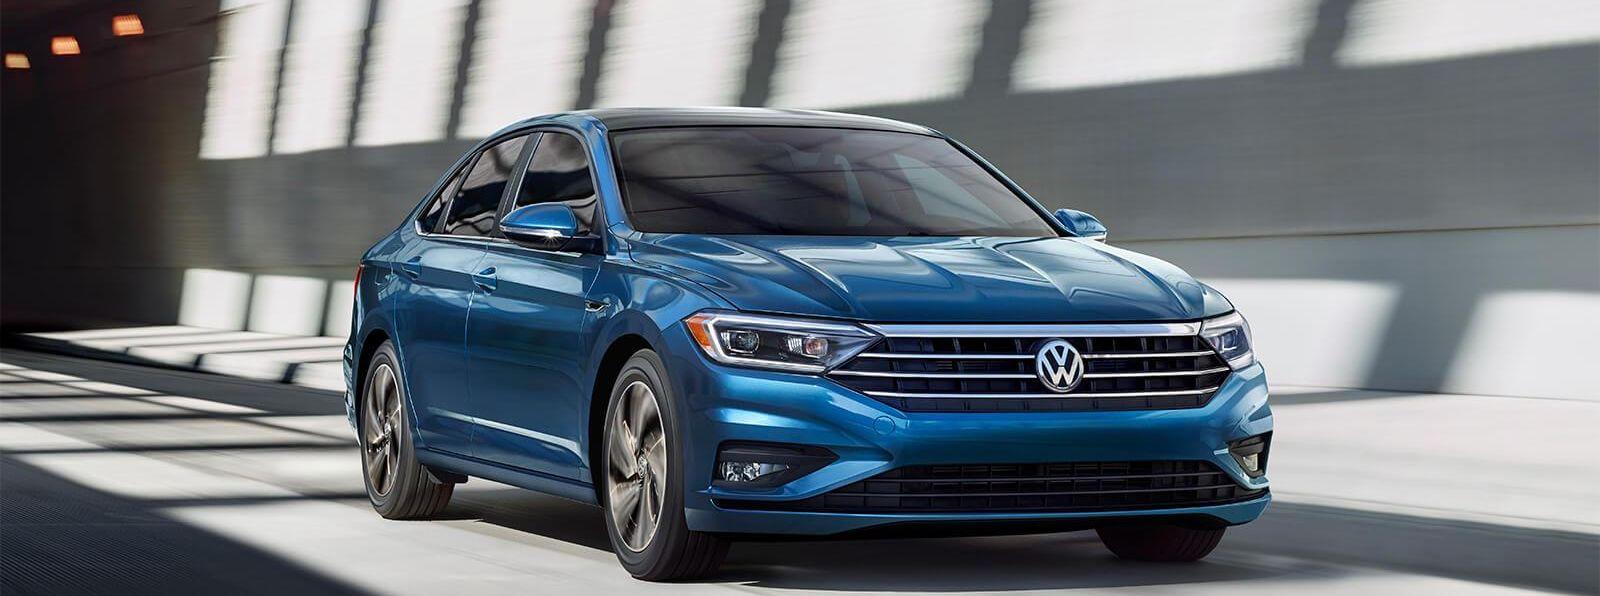 Volkswagen Jetta 2019 a la venta cerca de Bowie, MD